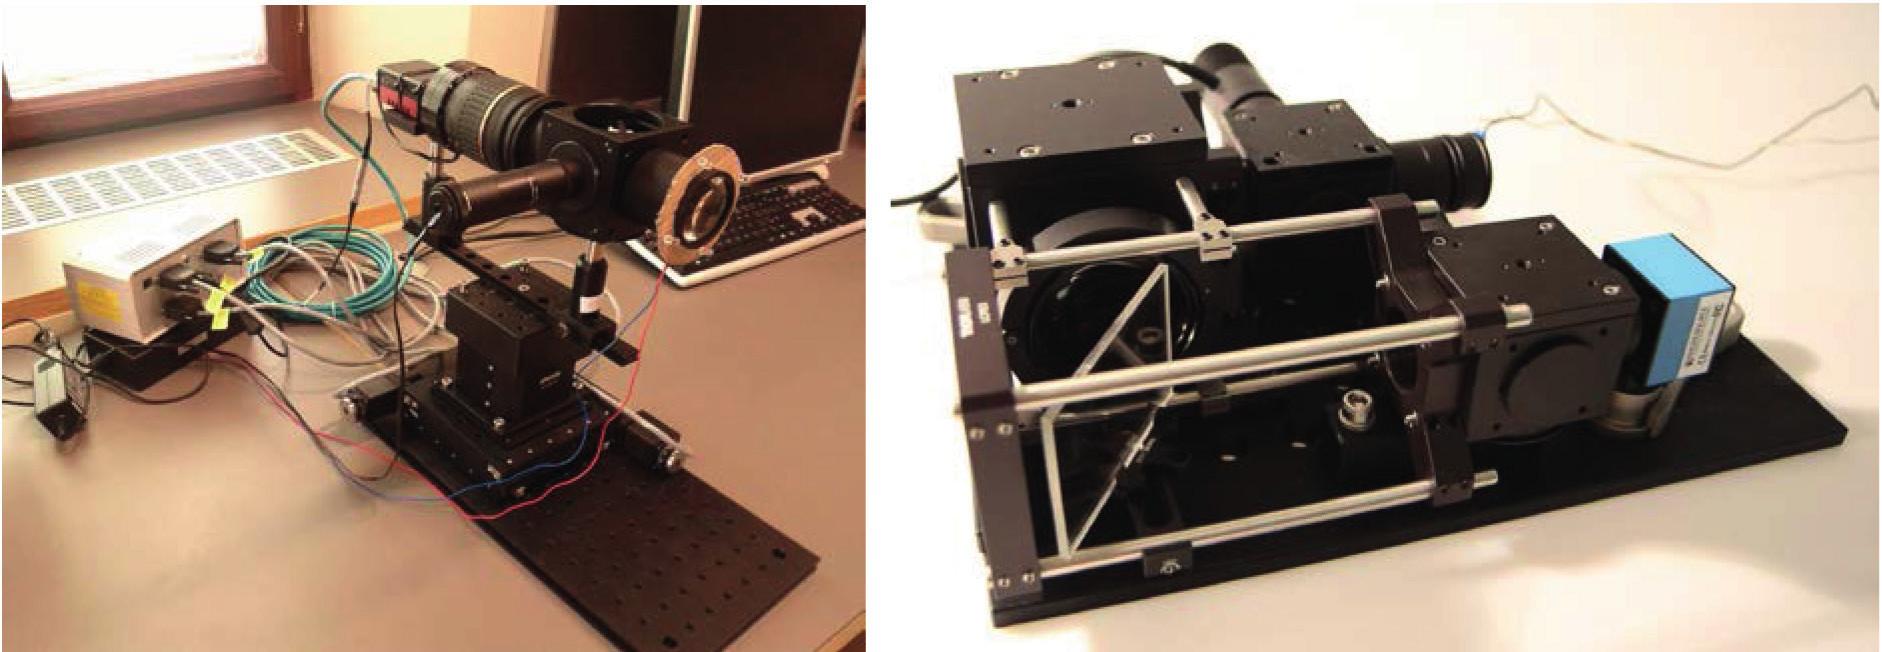 Ukázka laboratorního zařízení první verze (vlevo) a druhé verze (vpravo)